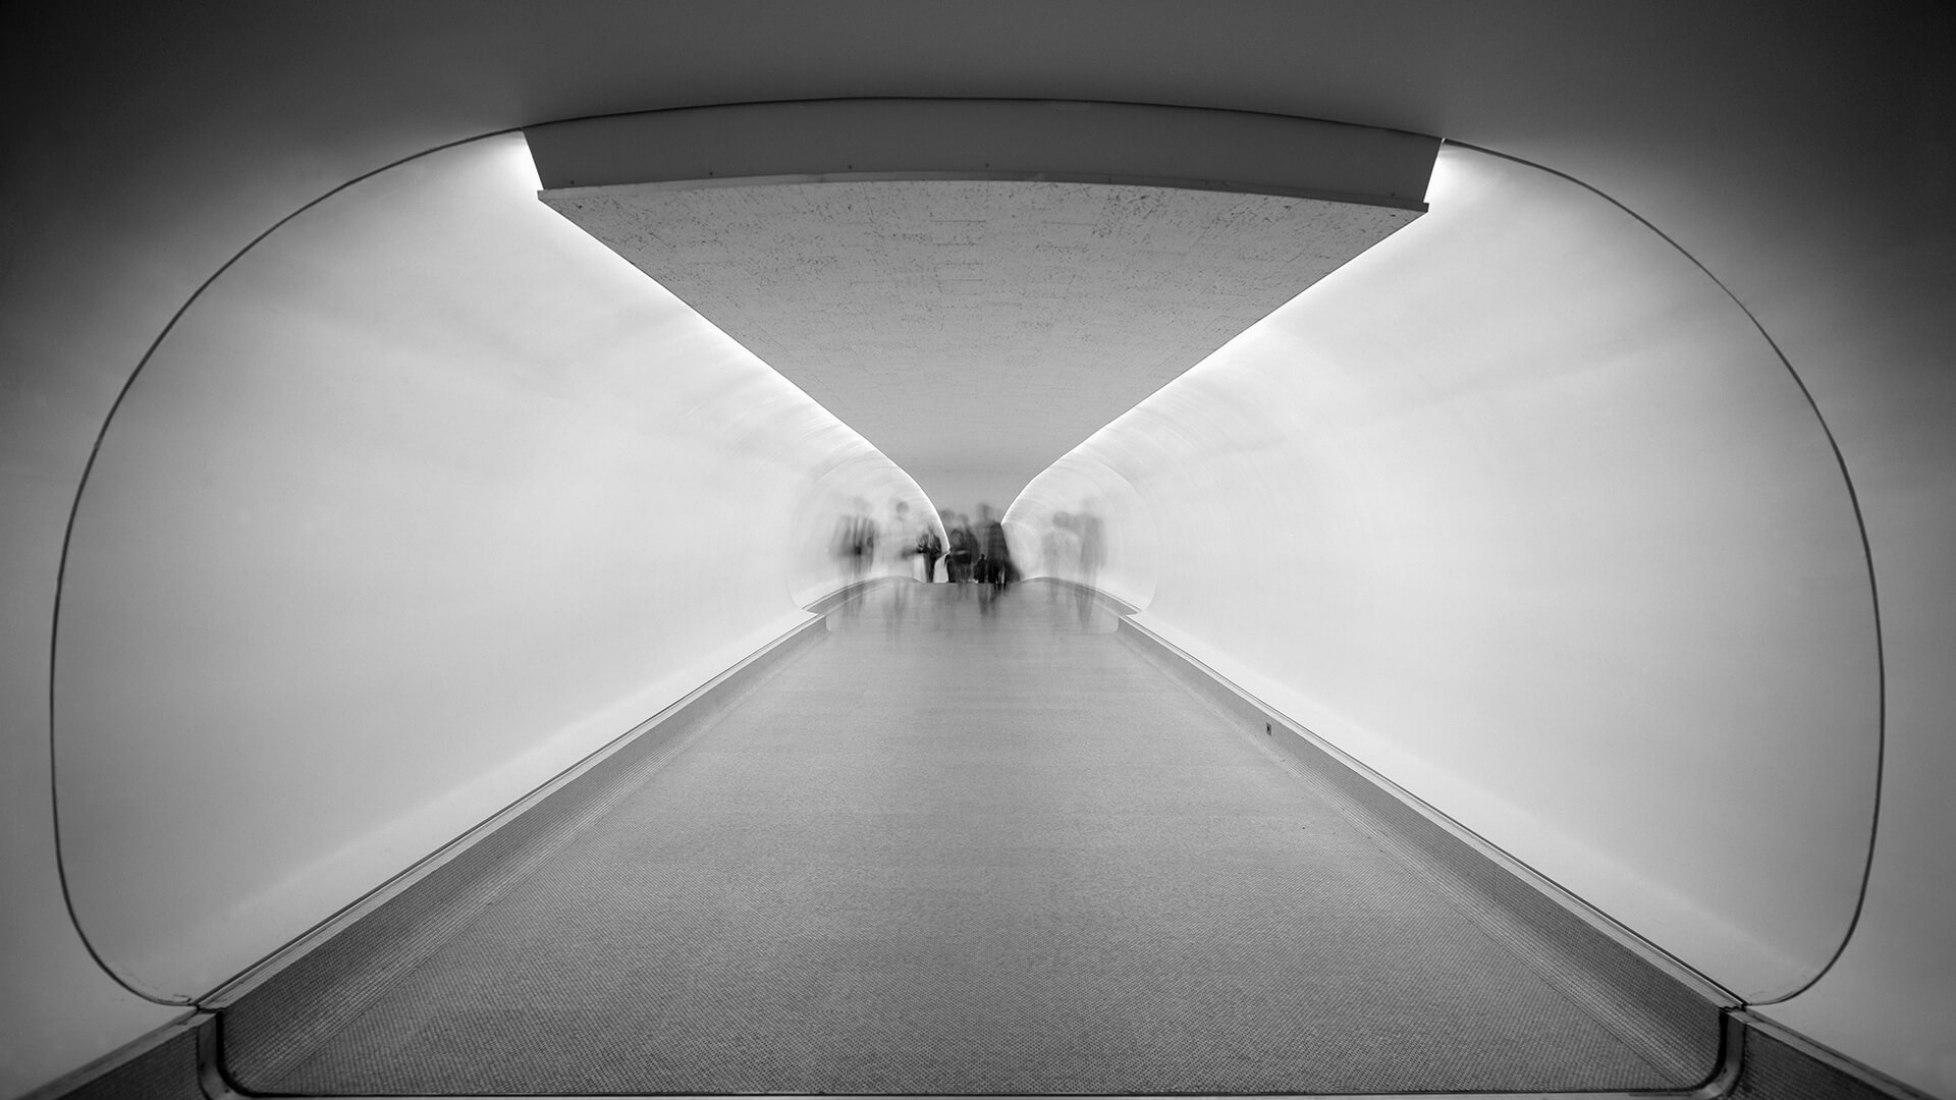 Terminal de la TWA por Saarinen. Fotografía por Ezra Stoller, imagen cortesía de TWA